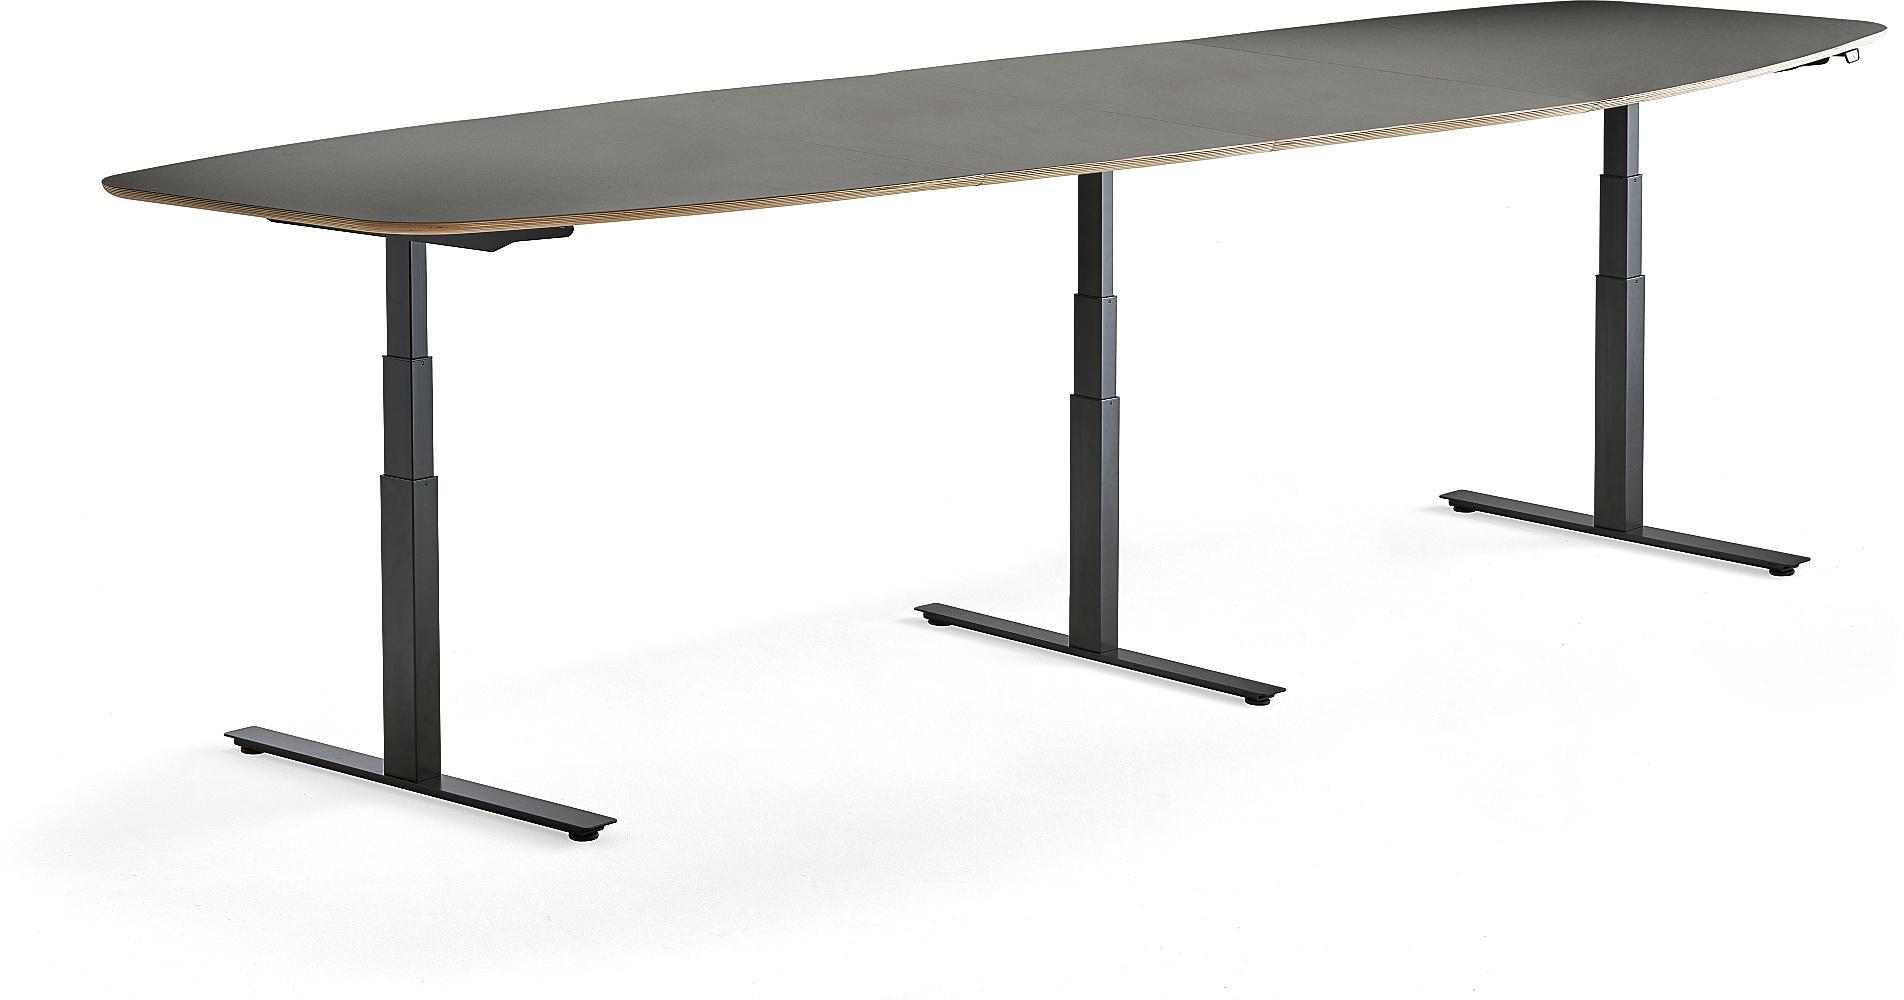 Výškovo nastaviteľný rokovací stôl Audrey, 4000 x 1200 mm, čierna/tmavošedá